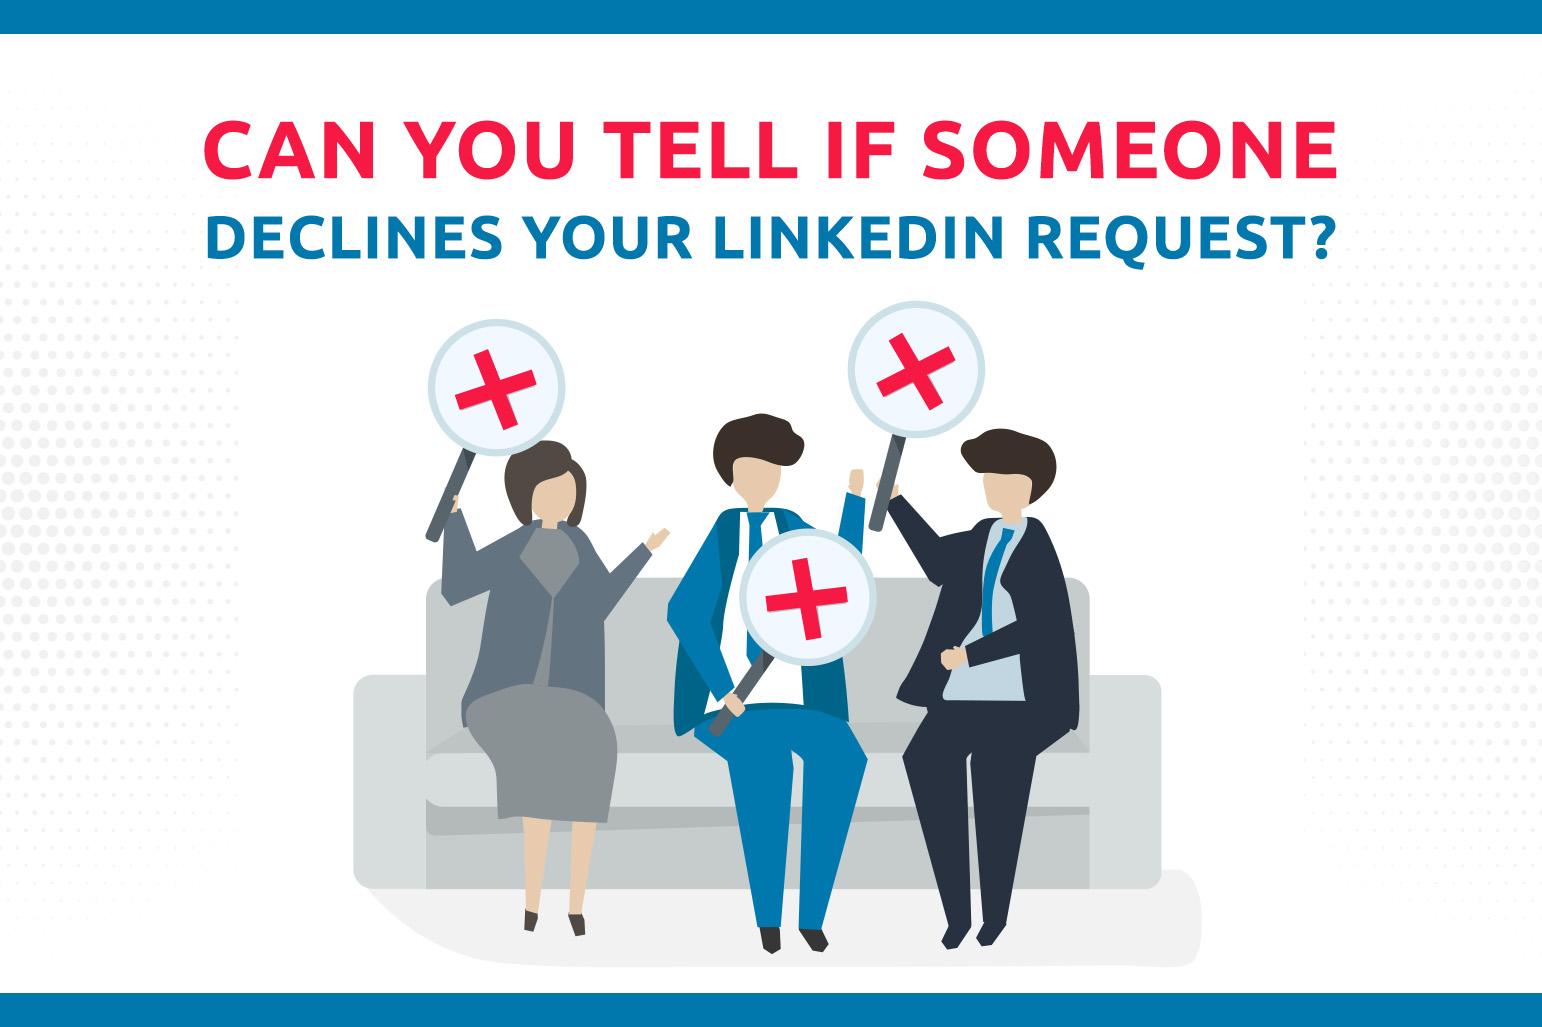 如果有人拒绝你的LinkedIn请求,你能知道吗?